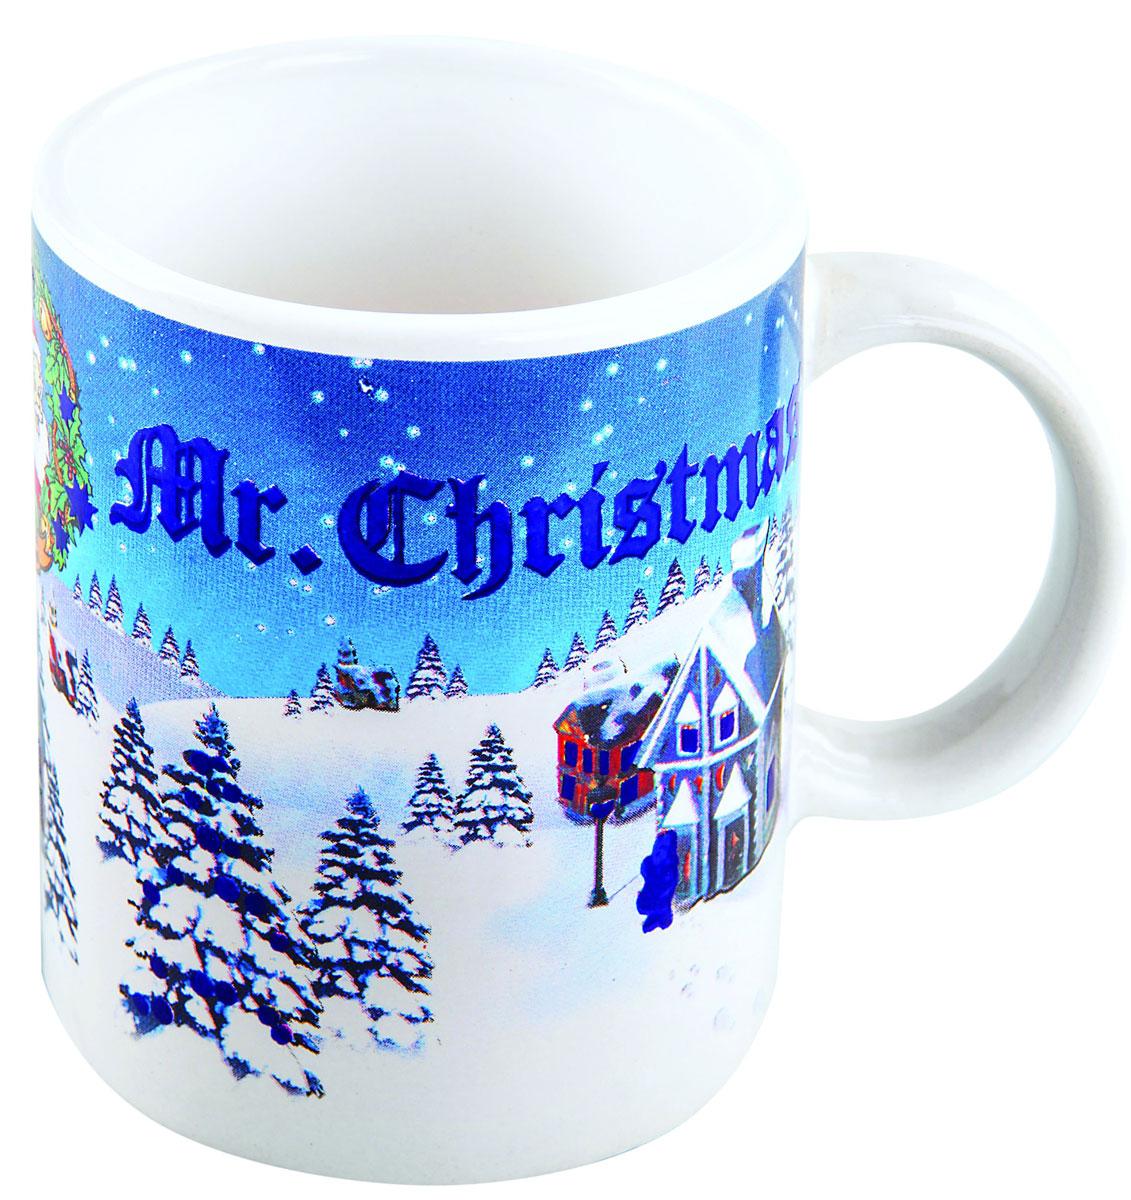 Кружка-хамелеон Mister Christmas, высота 9,5 см6509Кружка-хамелеон Mister Christmas выполнена из высококачественного фарфора. Если в нее налить горячий напиток, то надпись Mr. Christmas меняет цвет. Такой подарок станет не только приятным, но и практичным сувениром: кружка станет незаменимым атрибутом чаепития, а оригинальный дизайн вызовет улыбку.